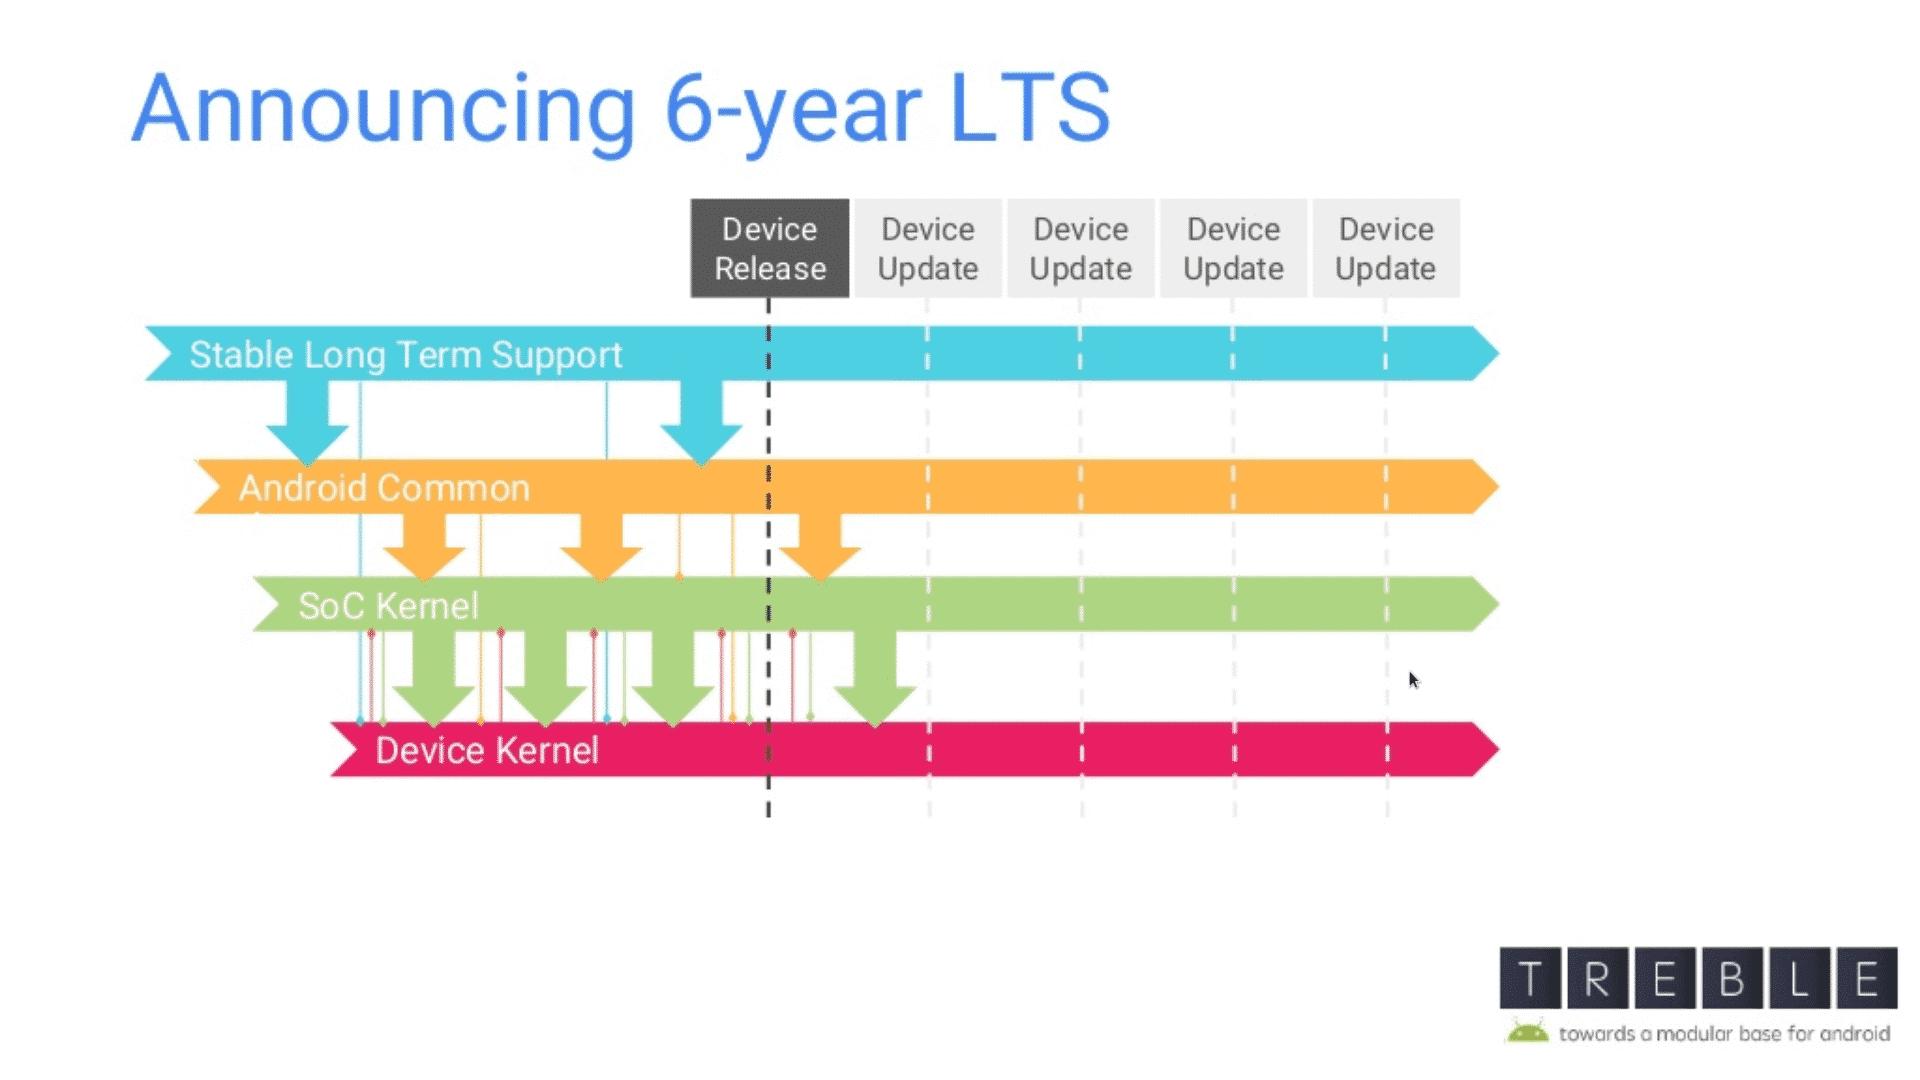 Der Langzeitpflege für ausgewählte Linux-Versionen verspricht Hersteller von Android-Geräten mit Sicherheits- und Fehlerkorrekturen versorgen, die diese leicht in ihre auf dieser Version aufbauenden Kernel integrieren können.